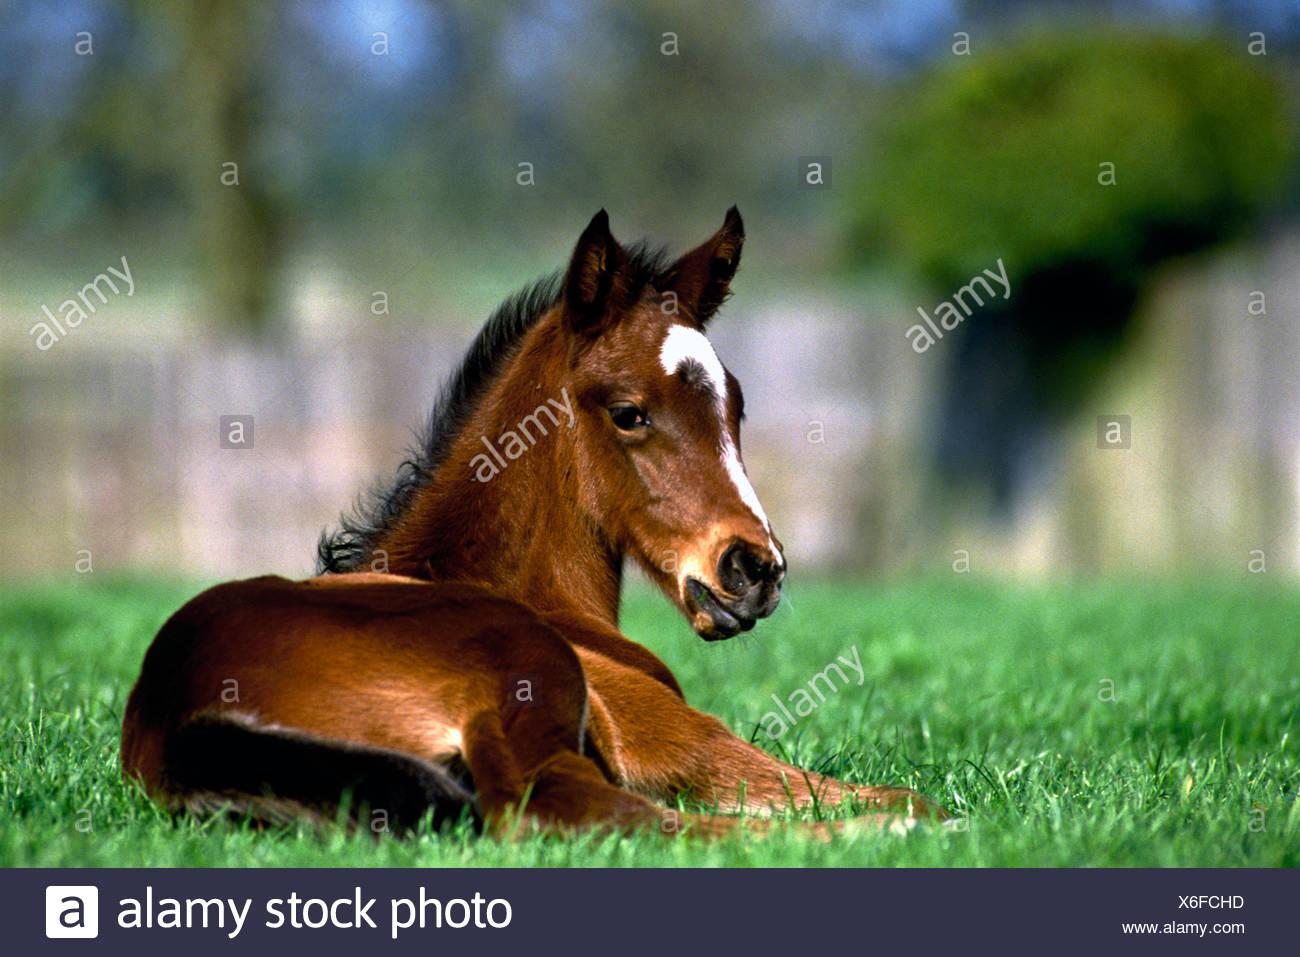 Thoroughbred Horse, Ireland - Stock Image